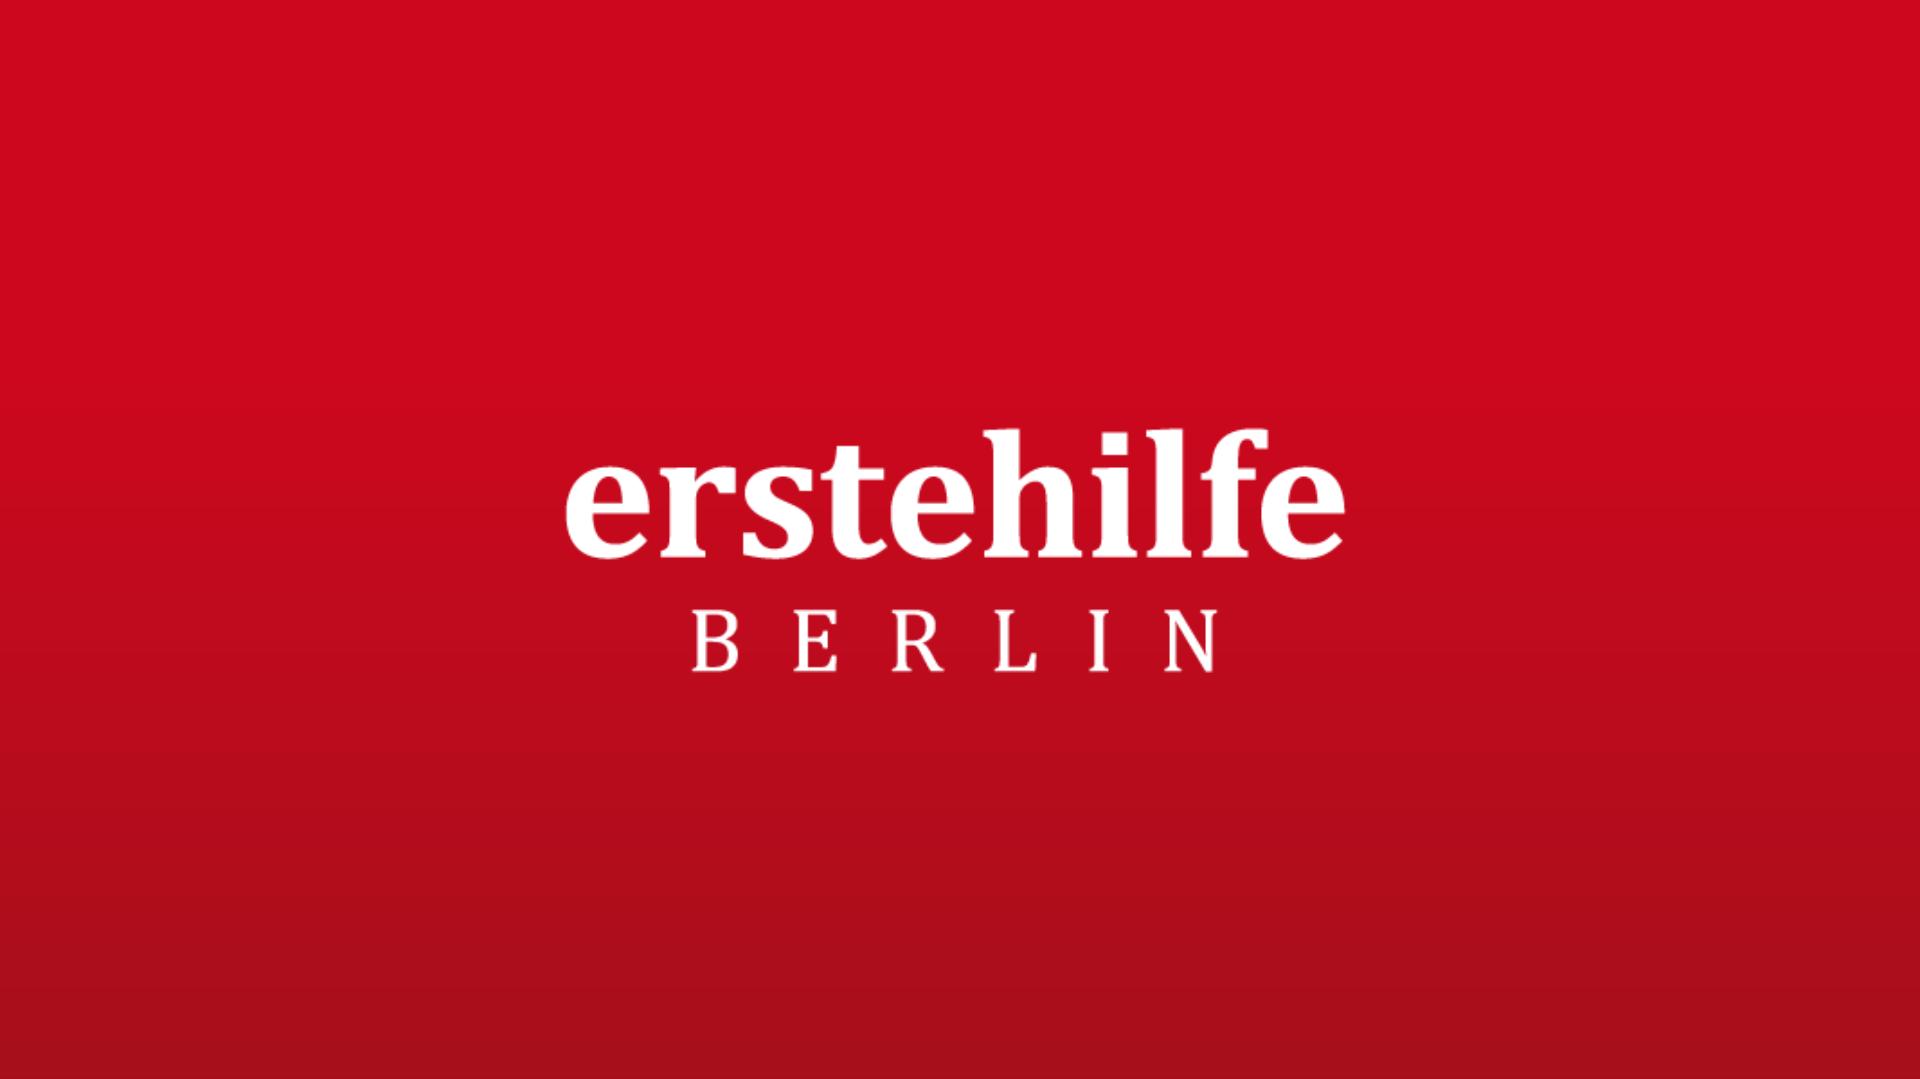 Erste Hilfe Berlin